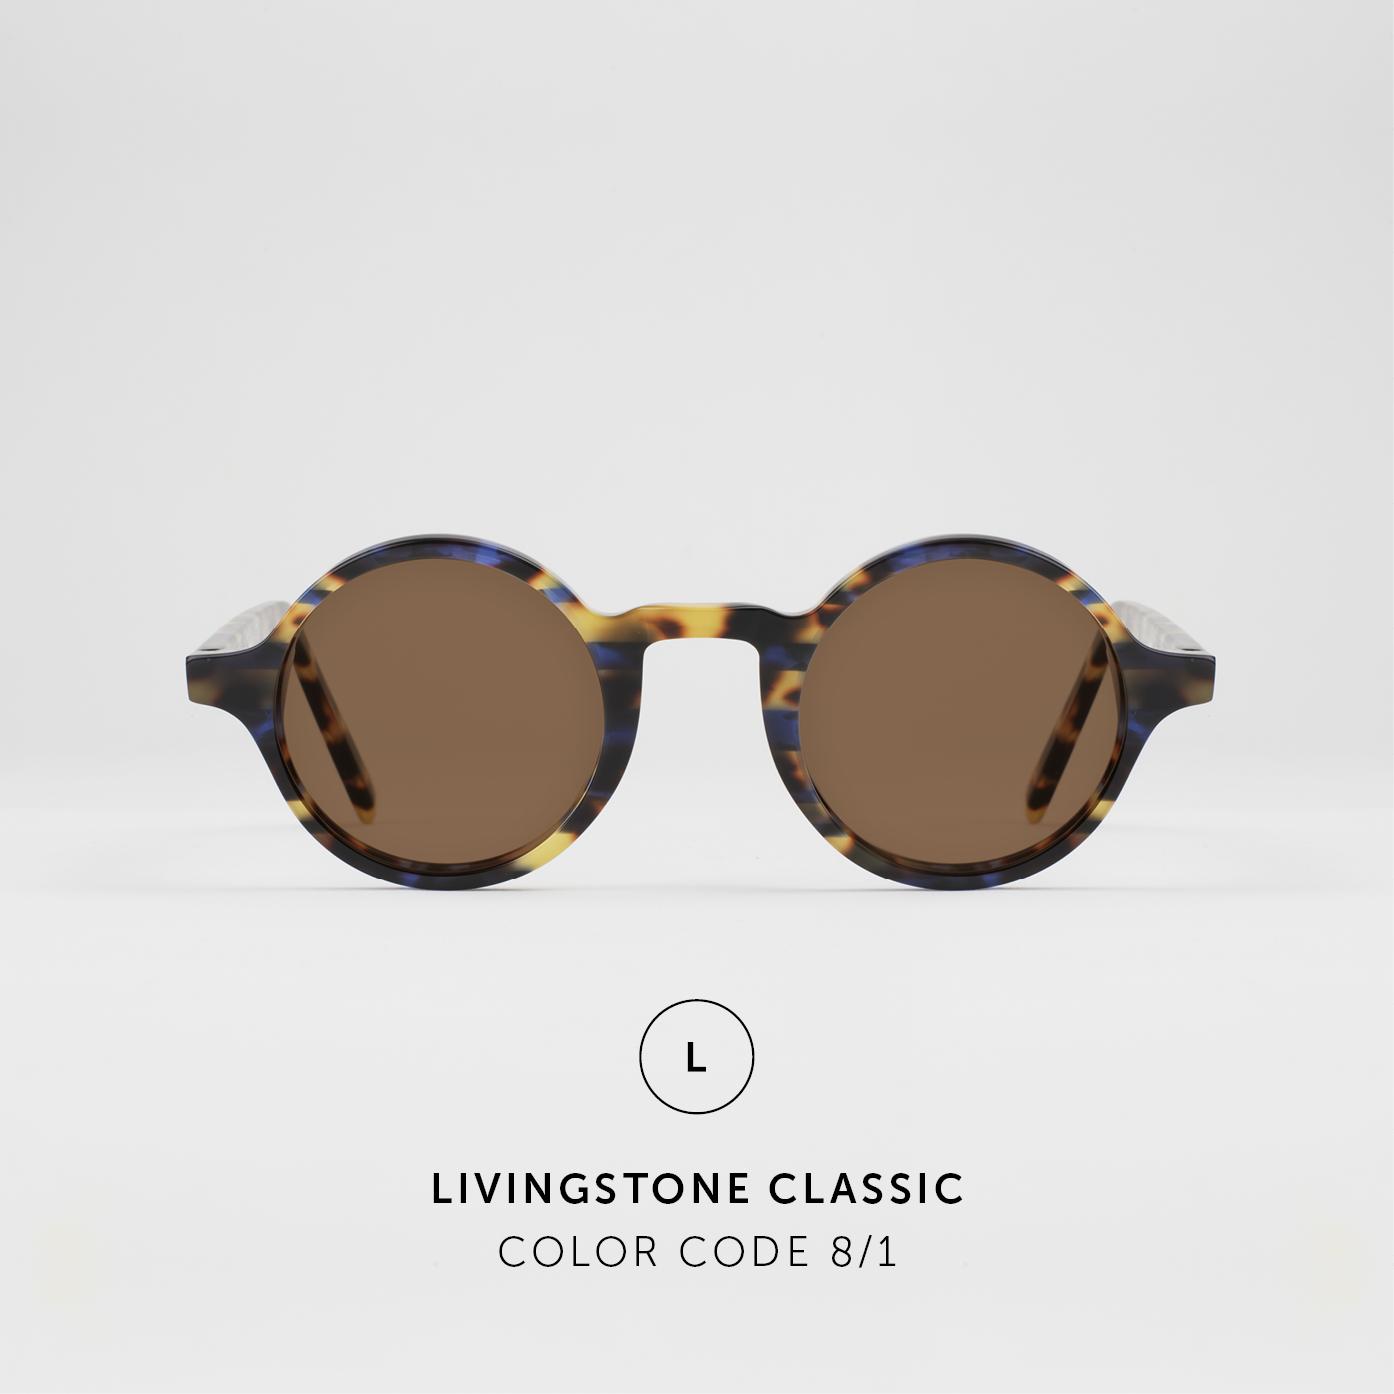 LivingstoneClassic42.jpg